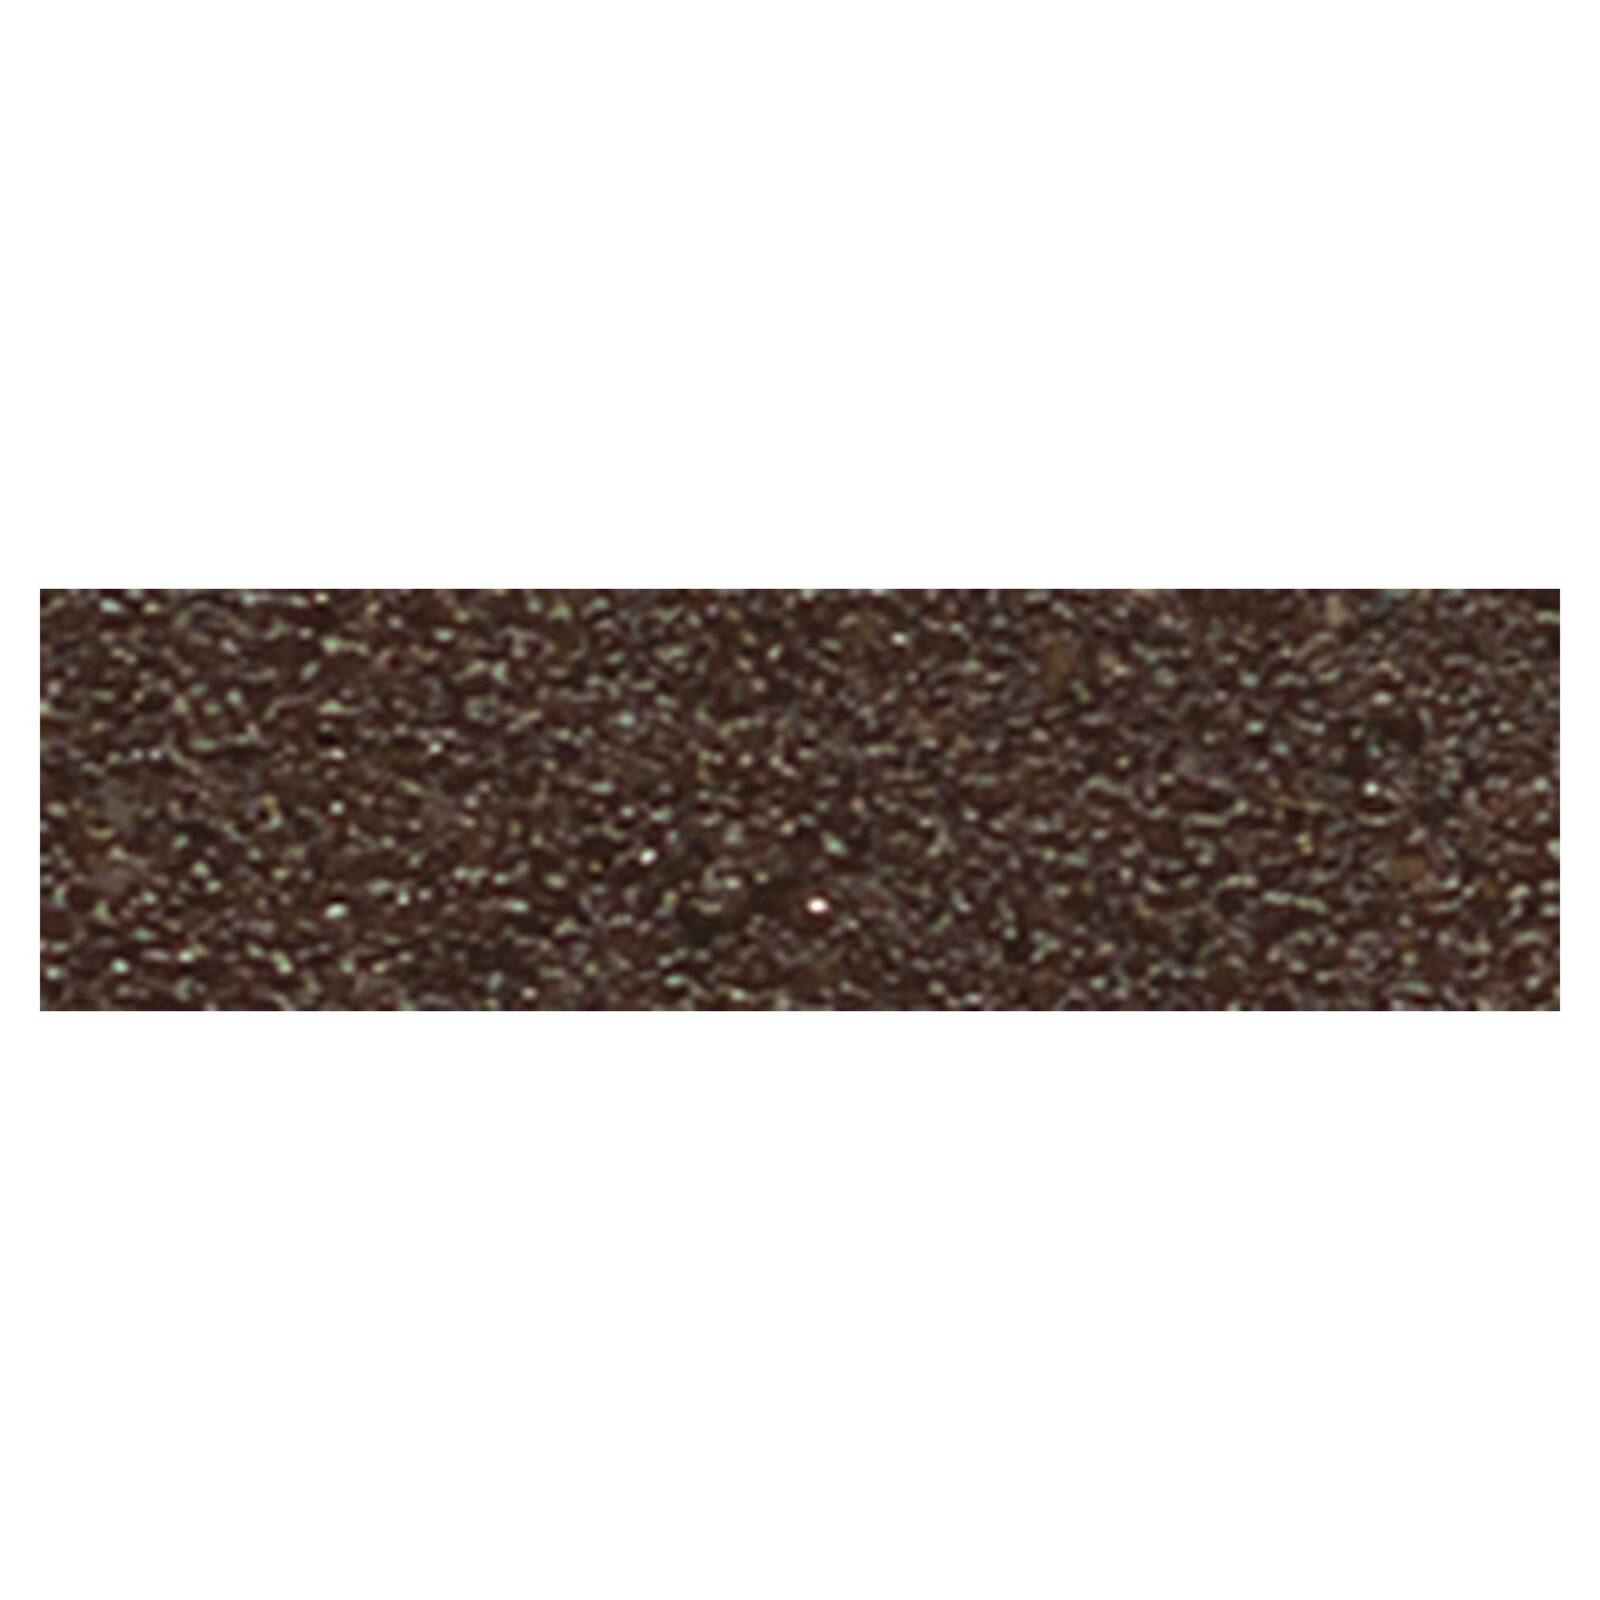 Мойка G-1(шоколад) (505х190) из гранитной крошки+сифон